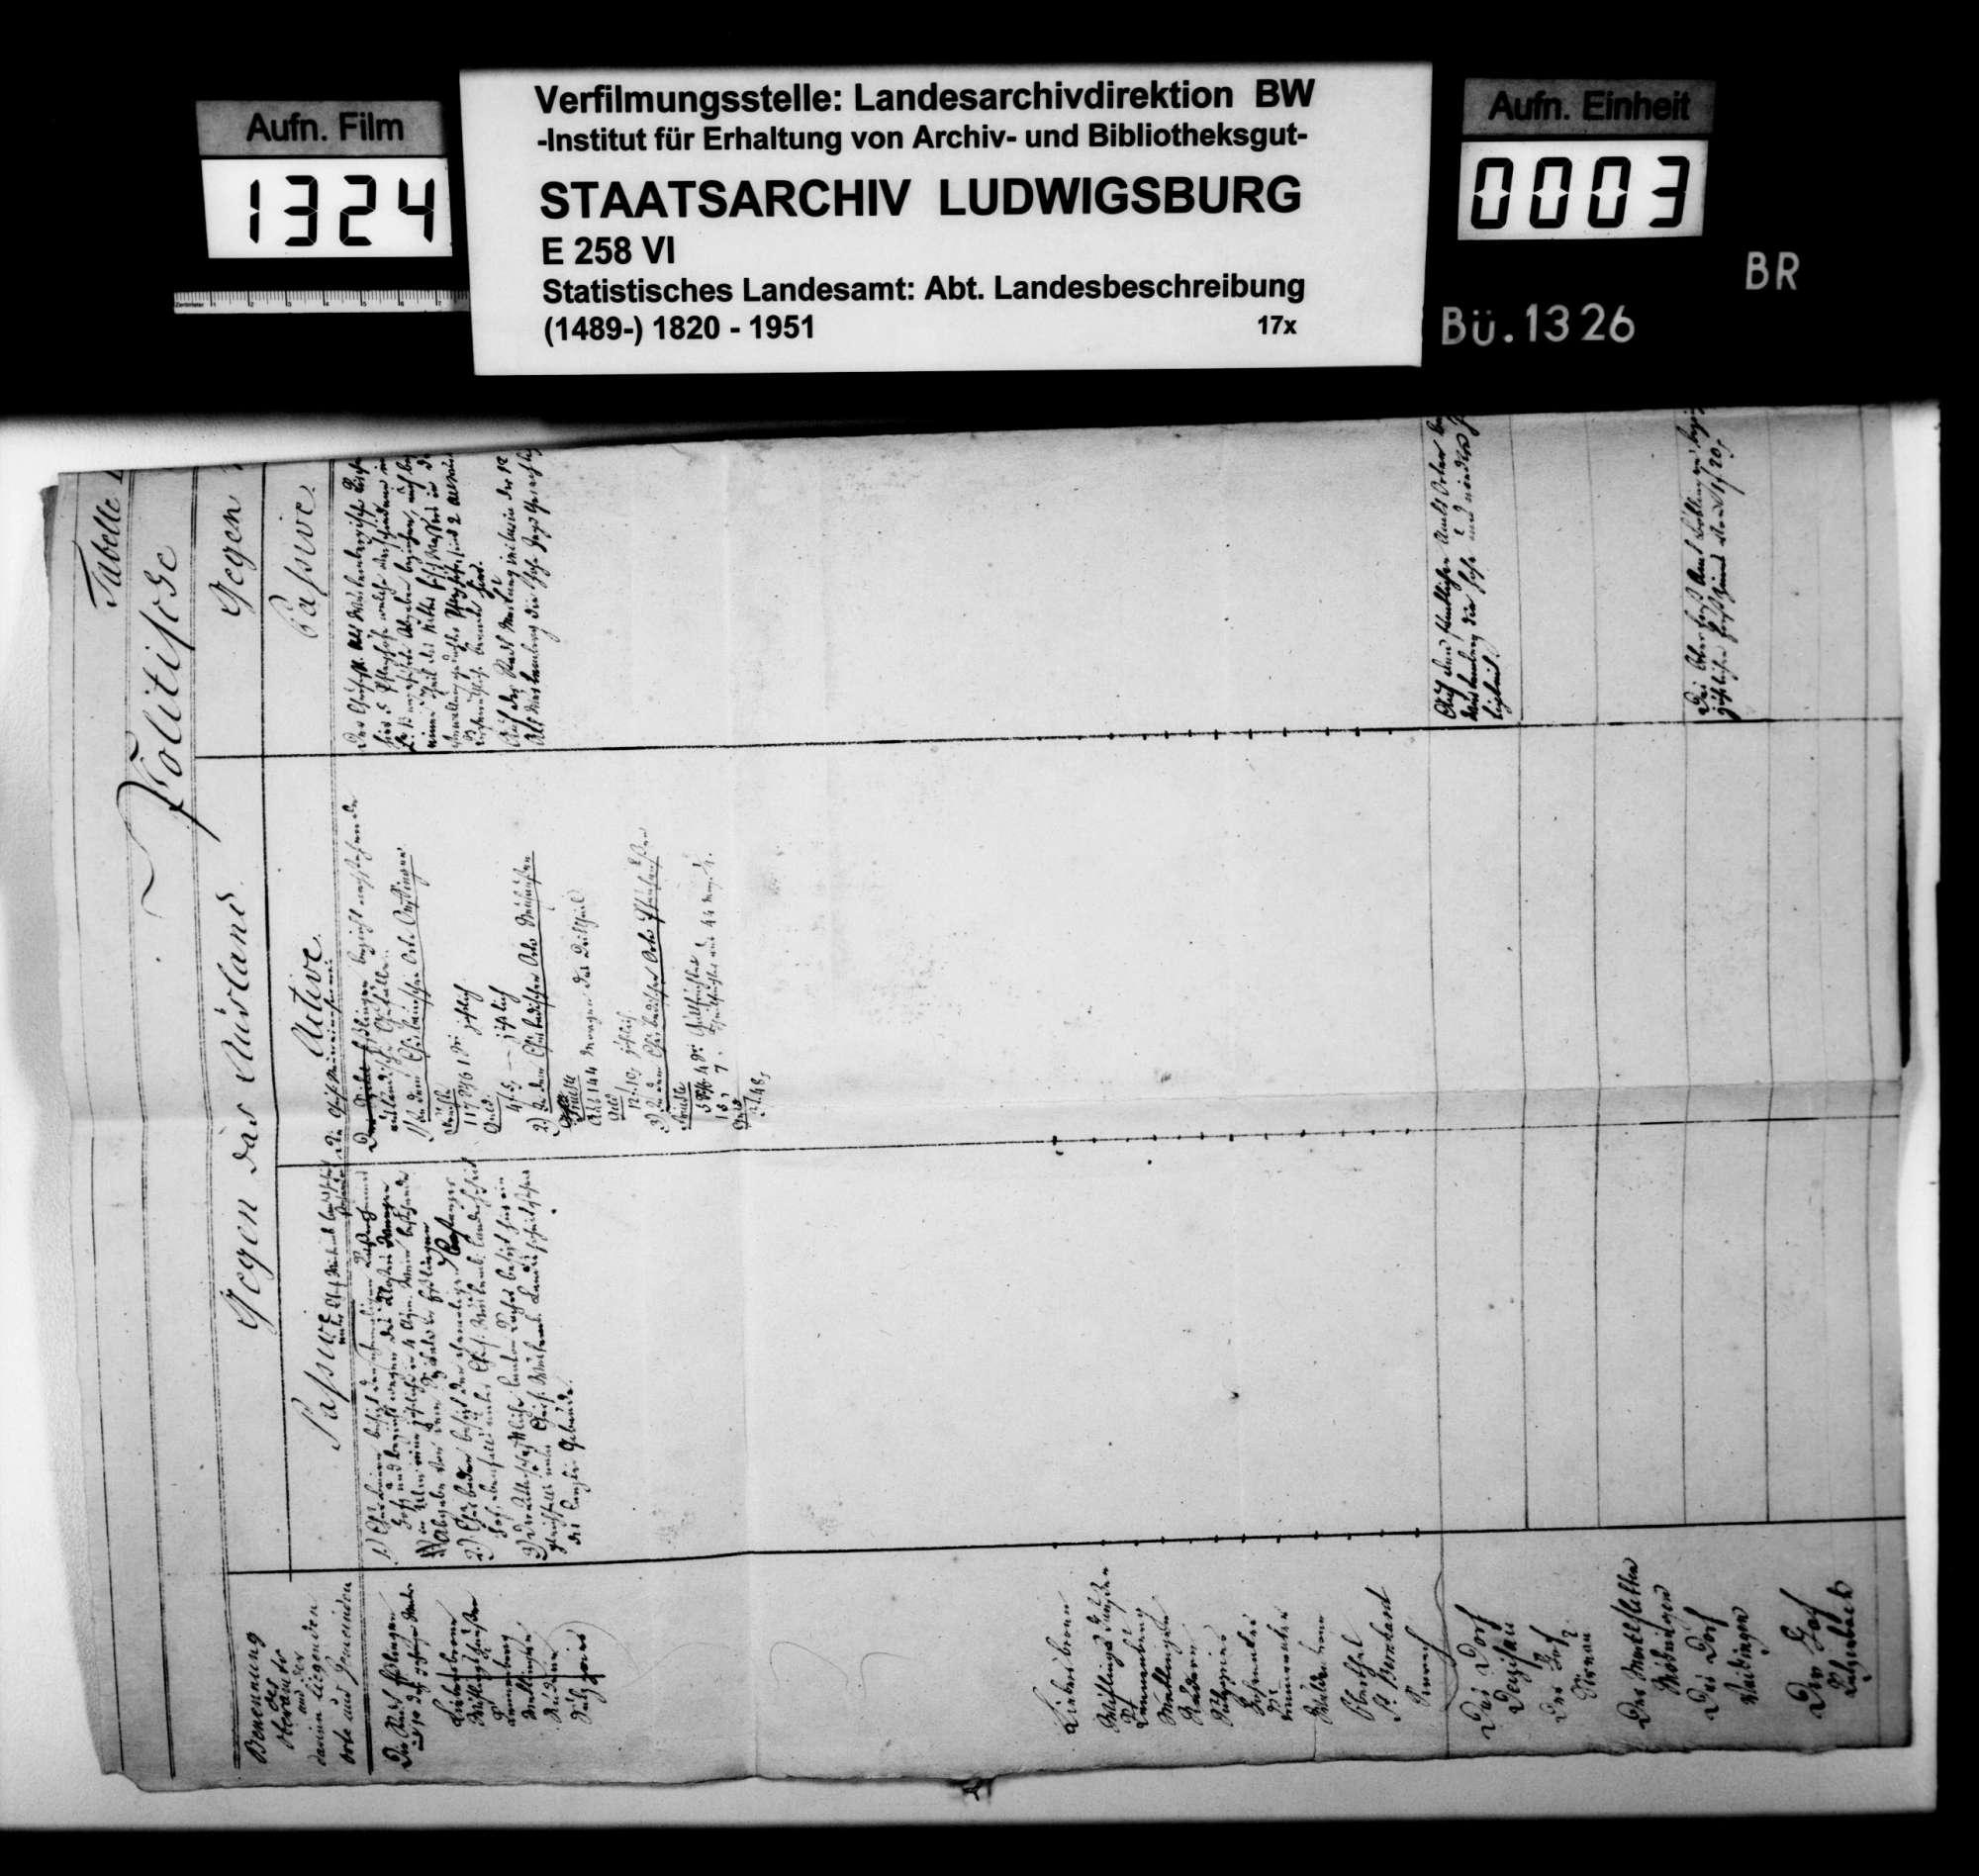 Statistische Erfassung des älteren Oberamts Esslingen (als Teil der Landvogtei Heilbronn; Esslingen, Deizisau, Sirnau, Möhringen [OA Stuttgart], Vaihingen [OA Stuttgart]), Bild 2